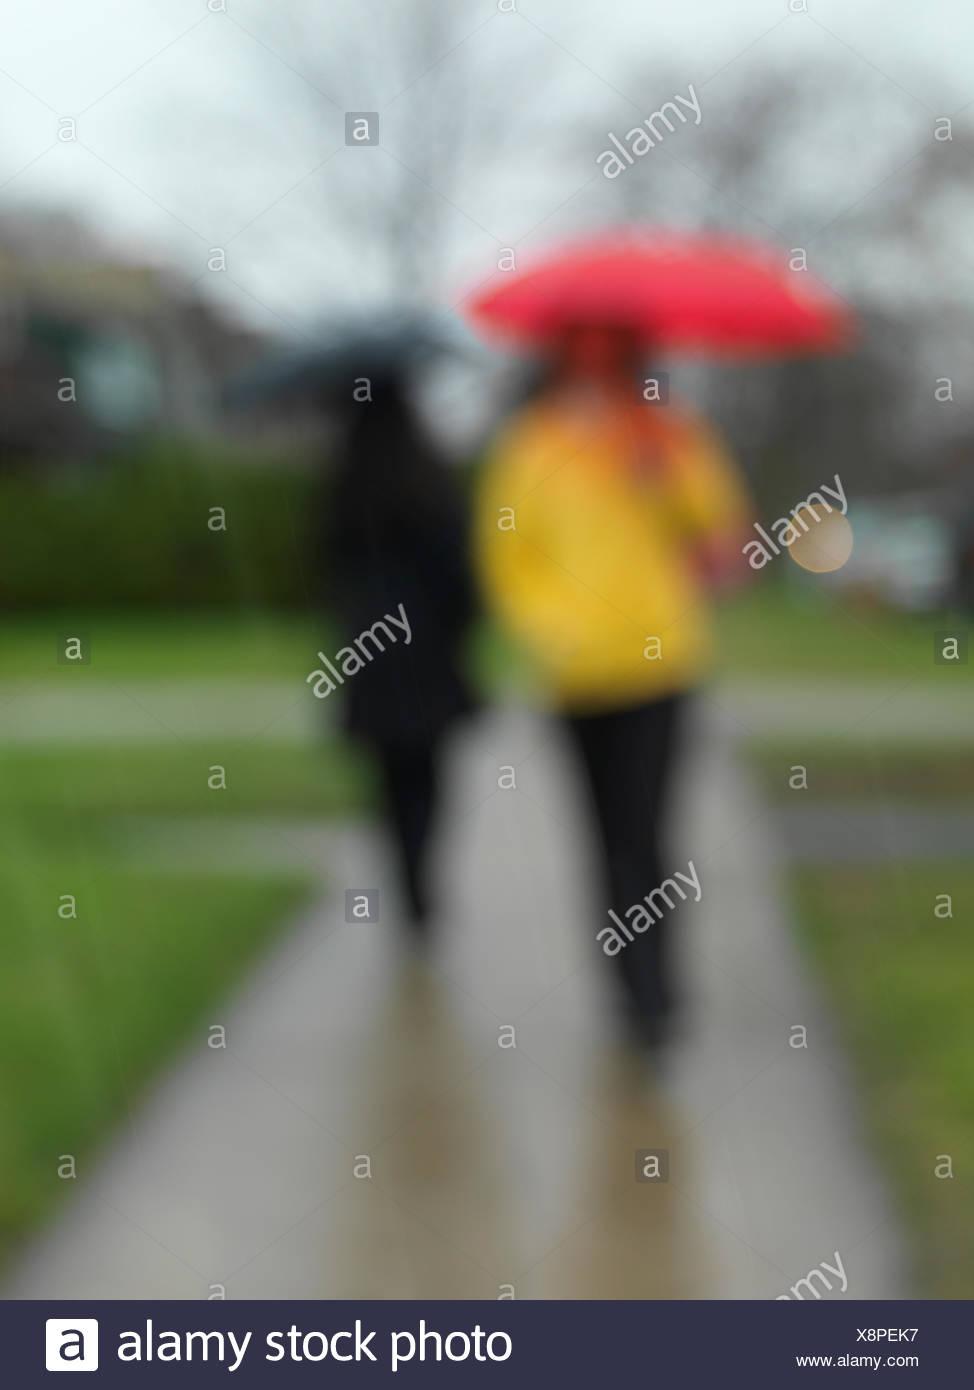 Les gens avec des parasols sur un trottoir sous la pluie, blurred Banque D'Images